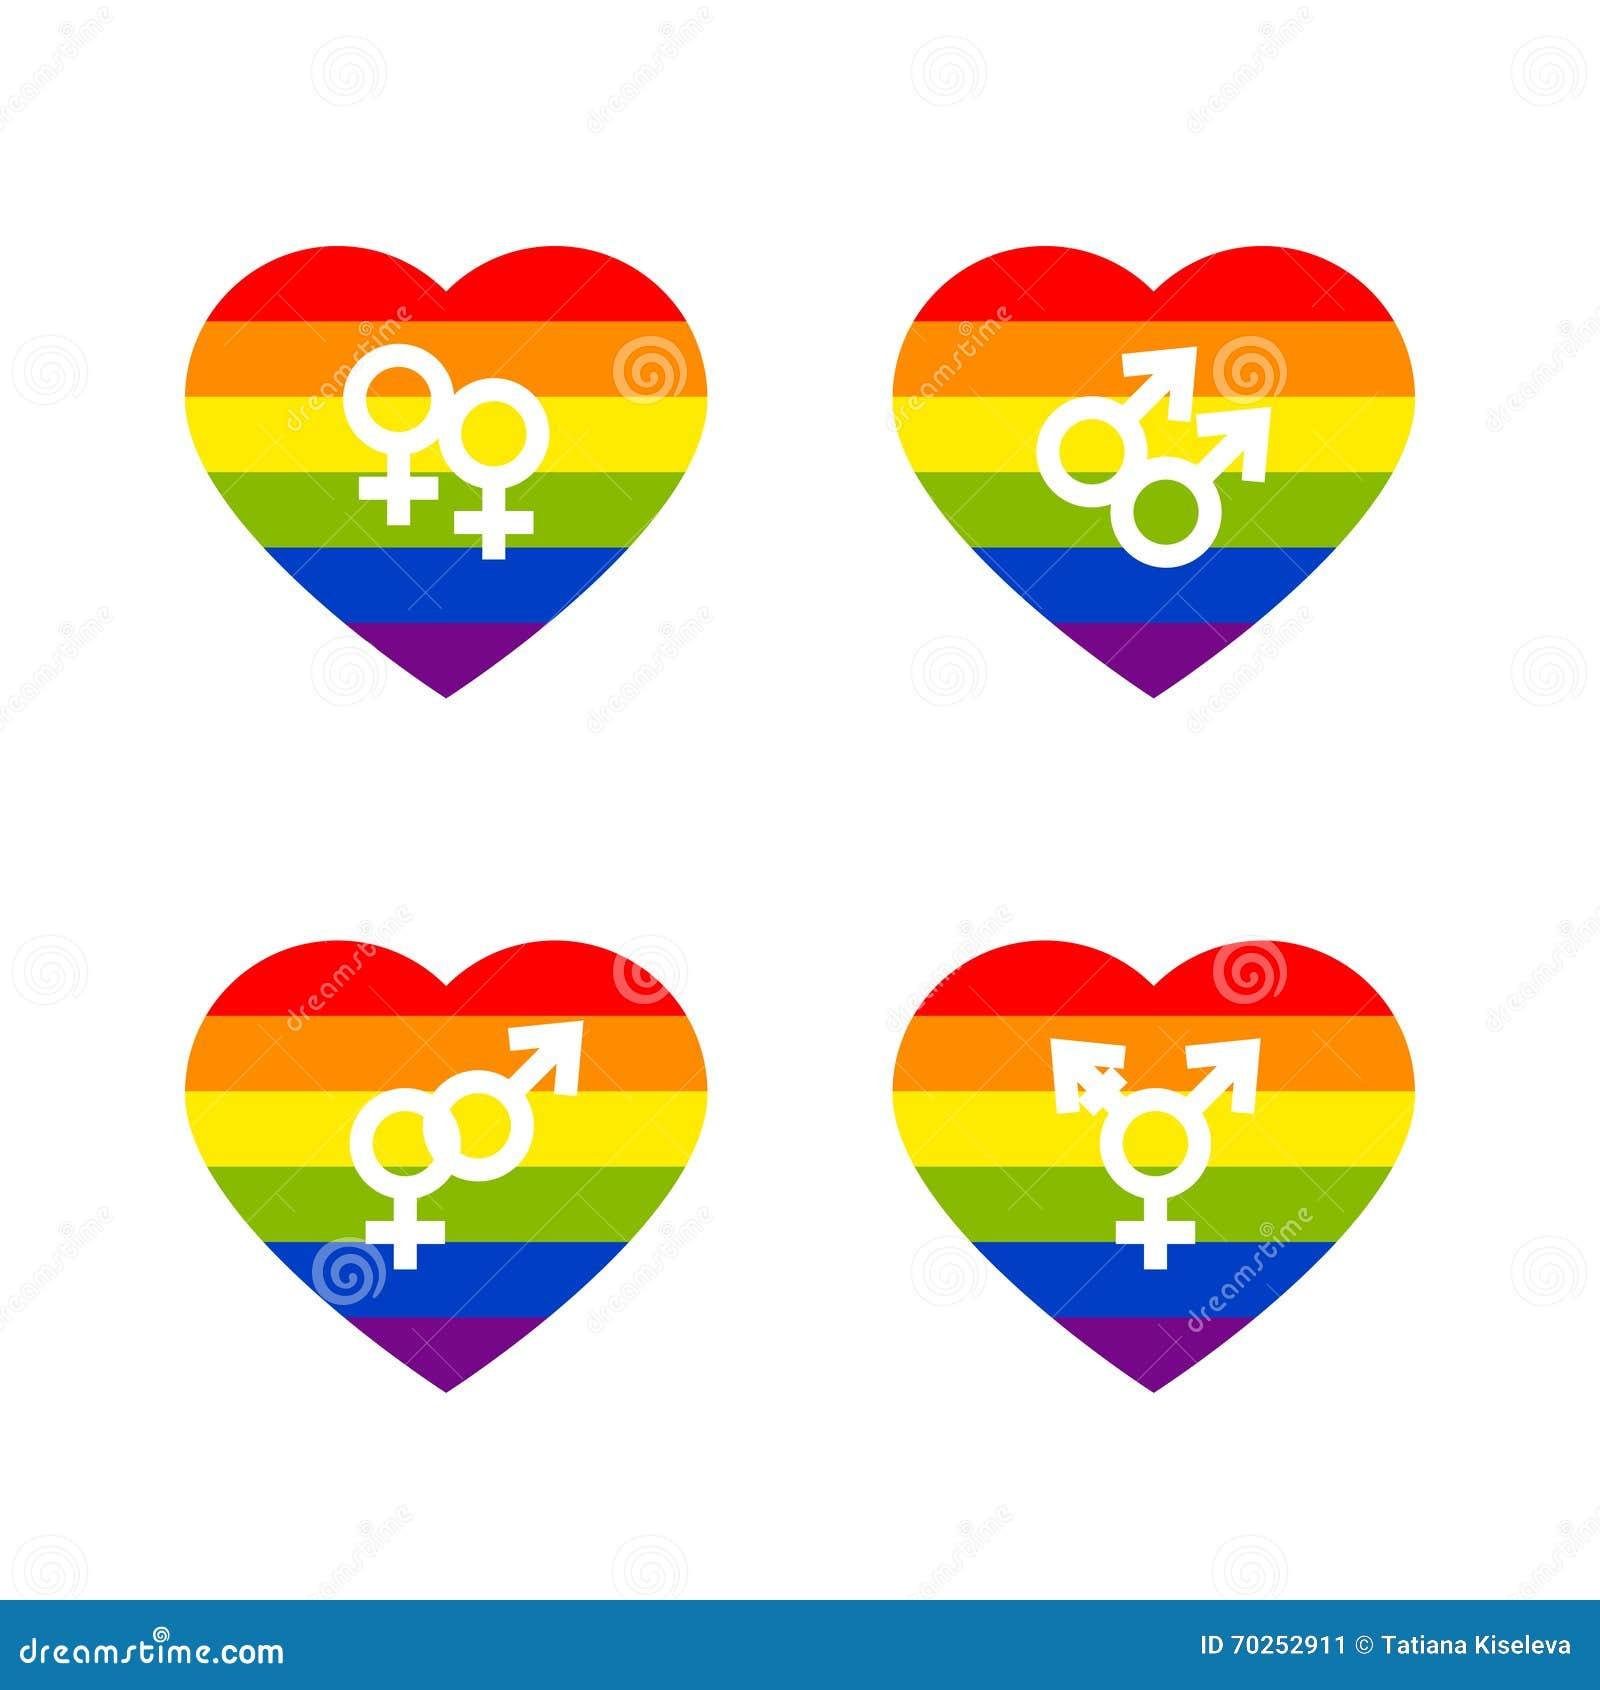 from Jayson lgbt pride symbols